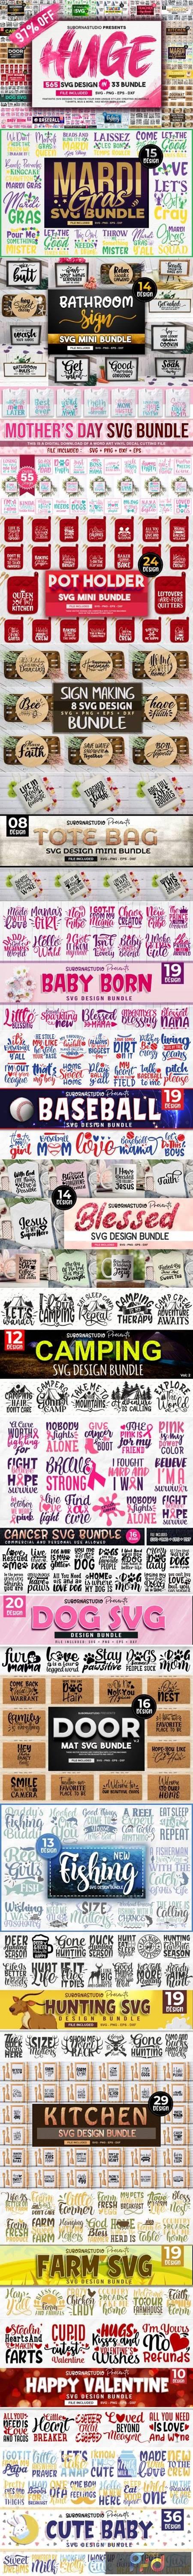 565 Design the Huge 33 Bundles 4020494 1